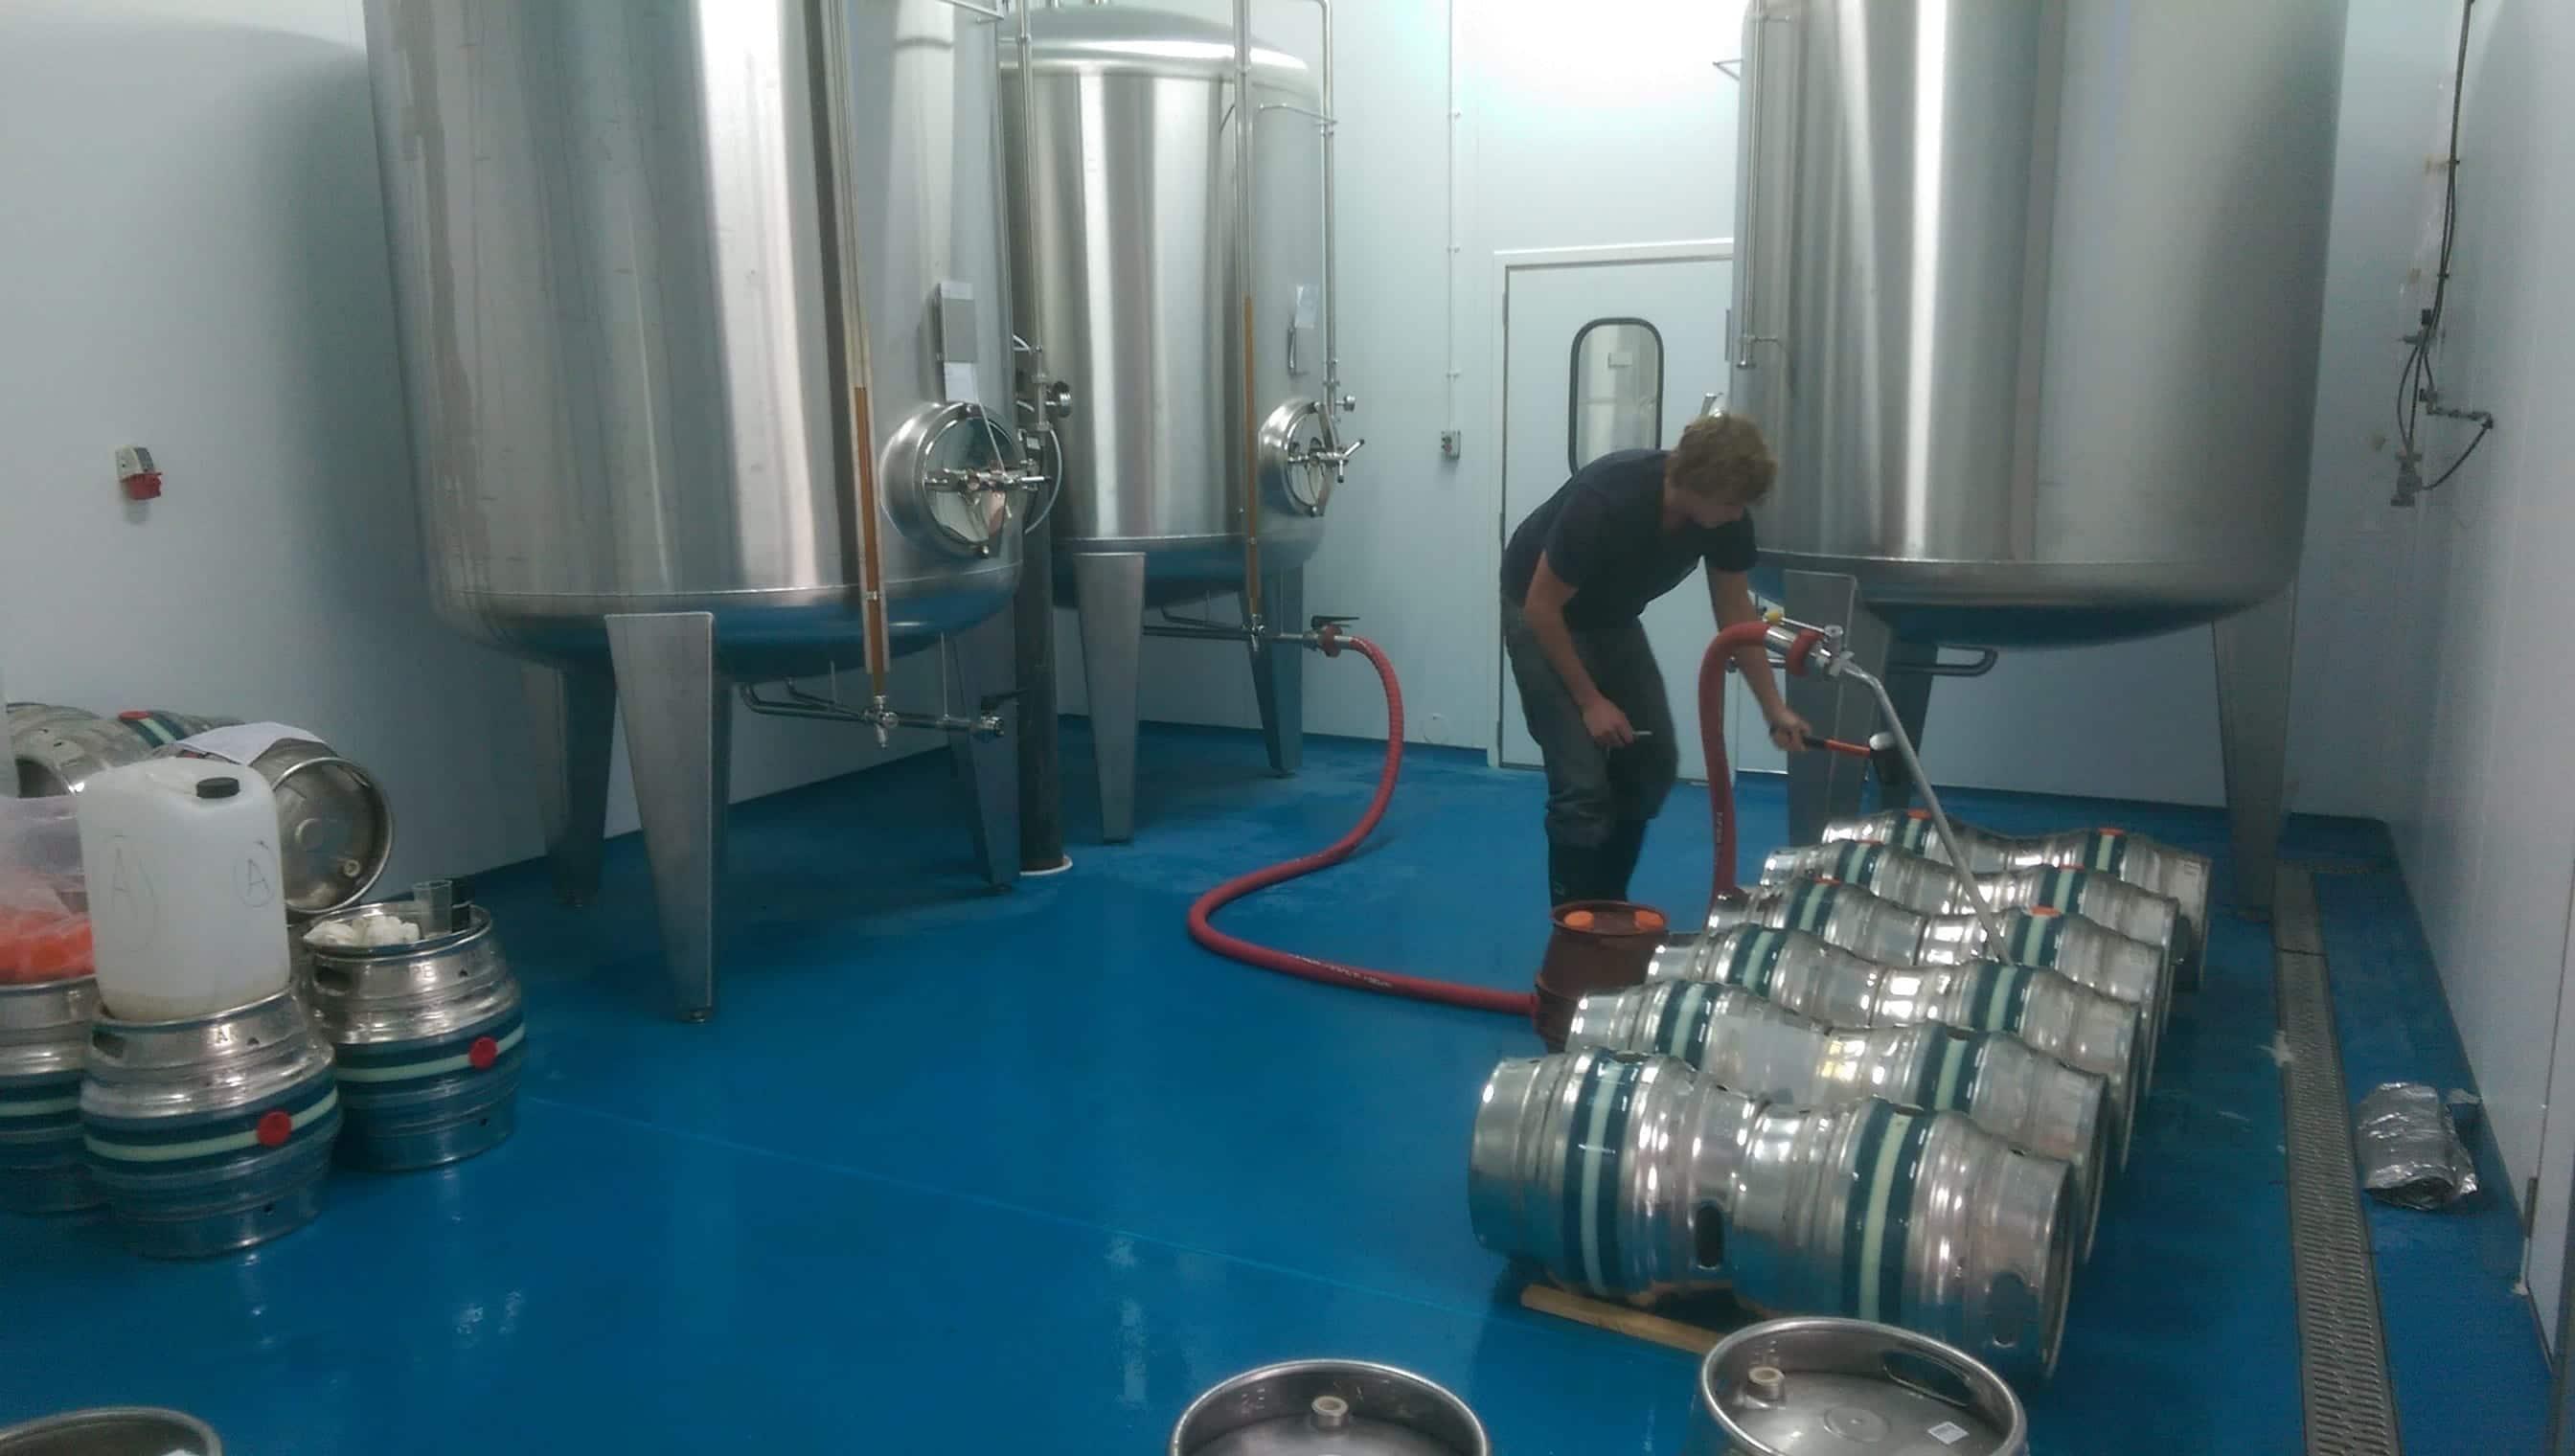 Peak Ales Brewery - Resin Brewery Flooring - Monarch Resin Flooring UK